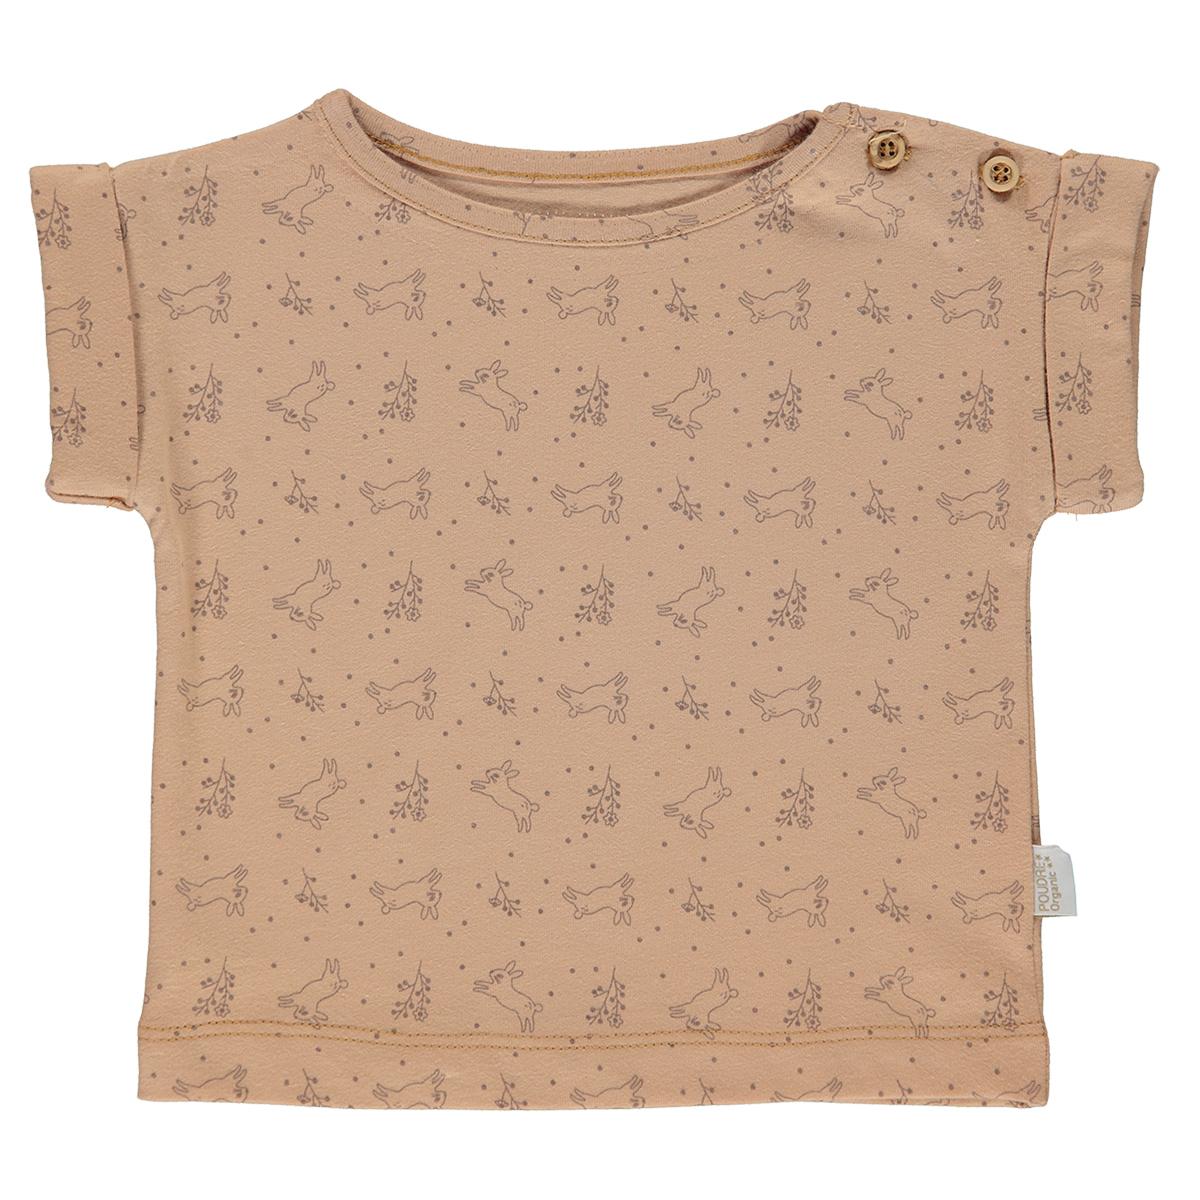 Haut bébé T-Shirt Bourrache Indian Tan et Motifs - 24 Mois T-Shirt Bourrache Indian Tan et Motifs - 24 Mois